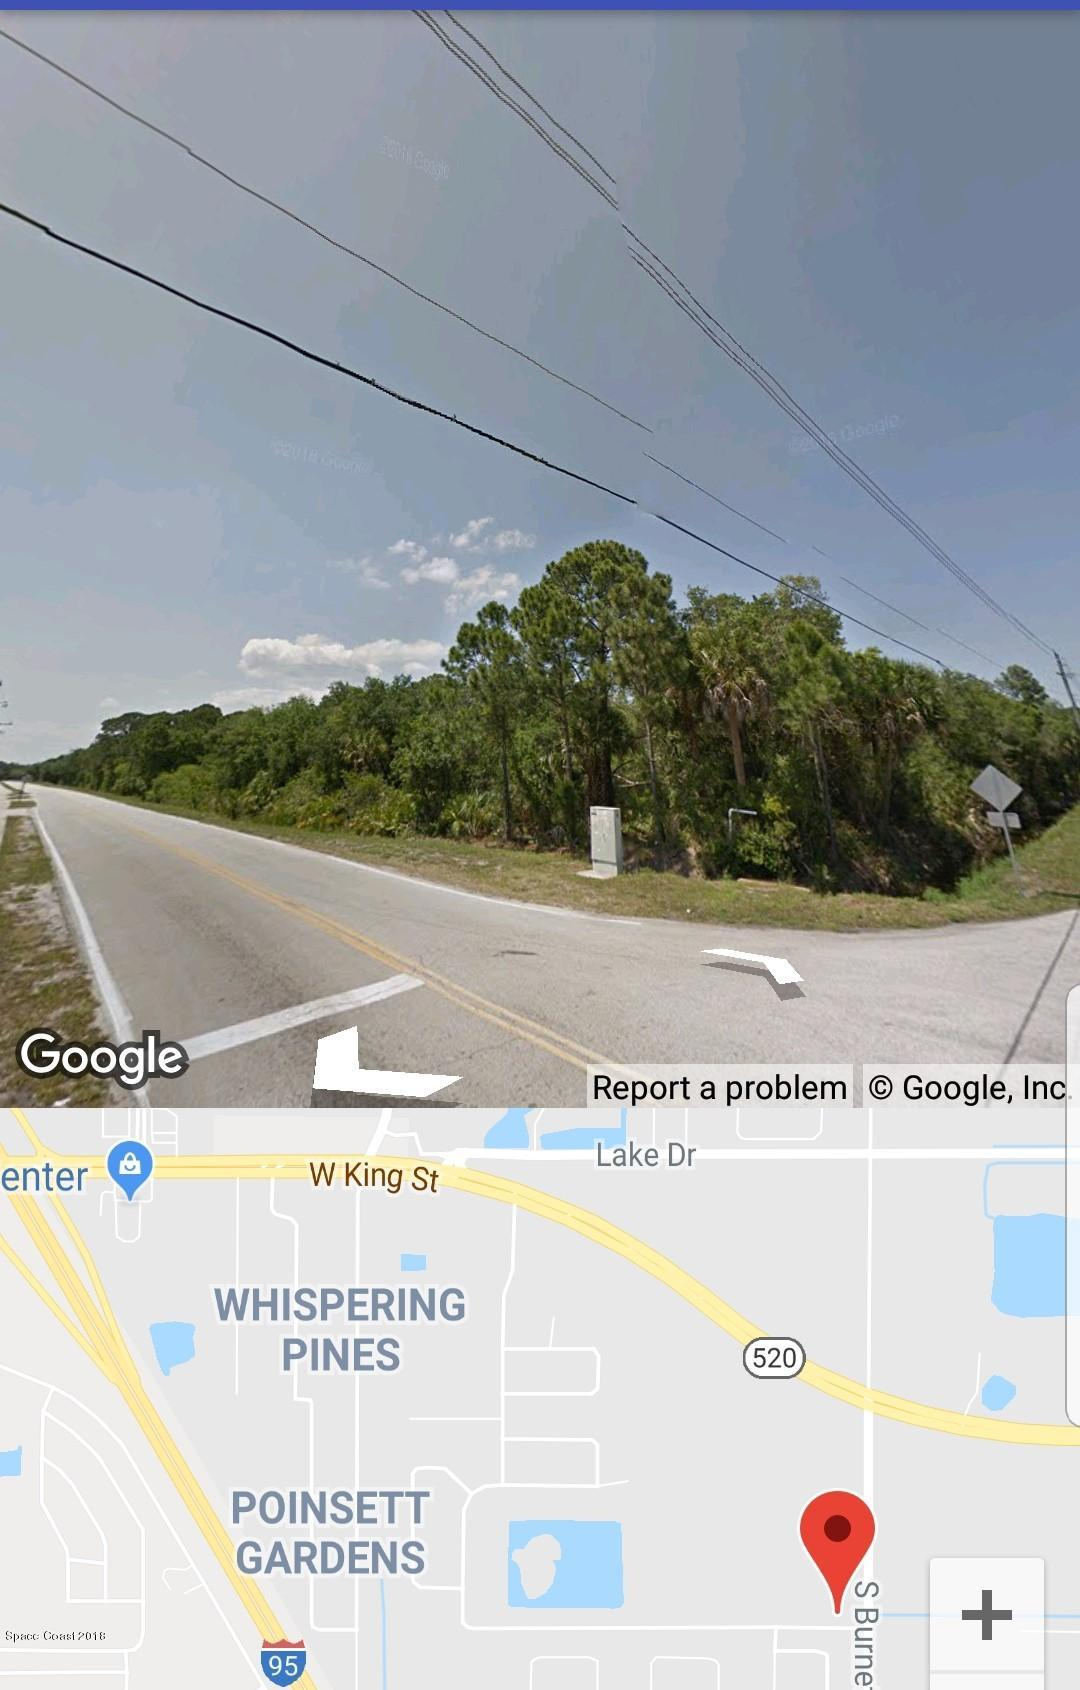 0000 S.burnett-parrish Road